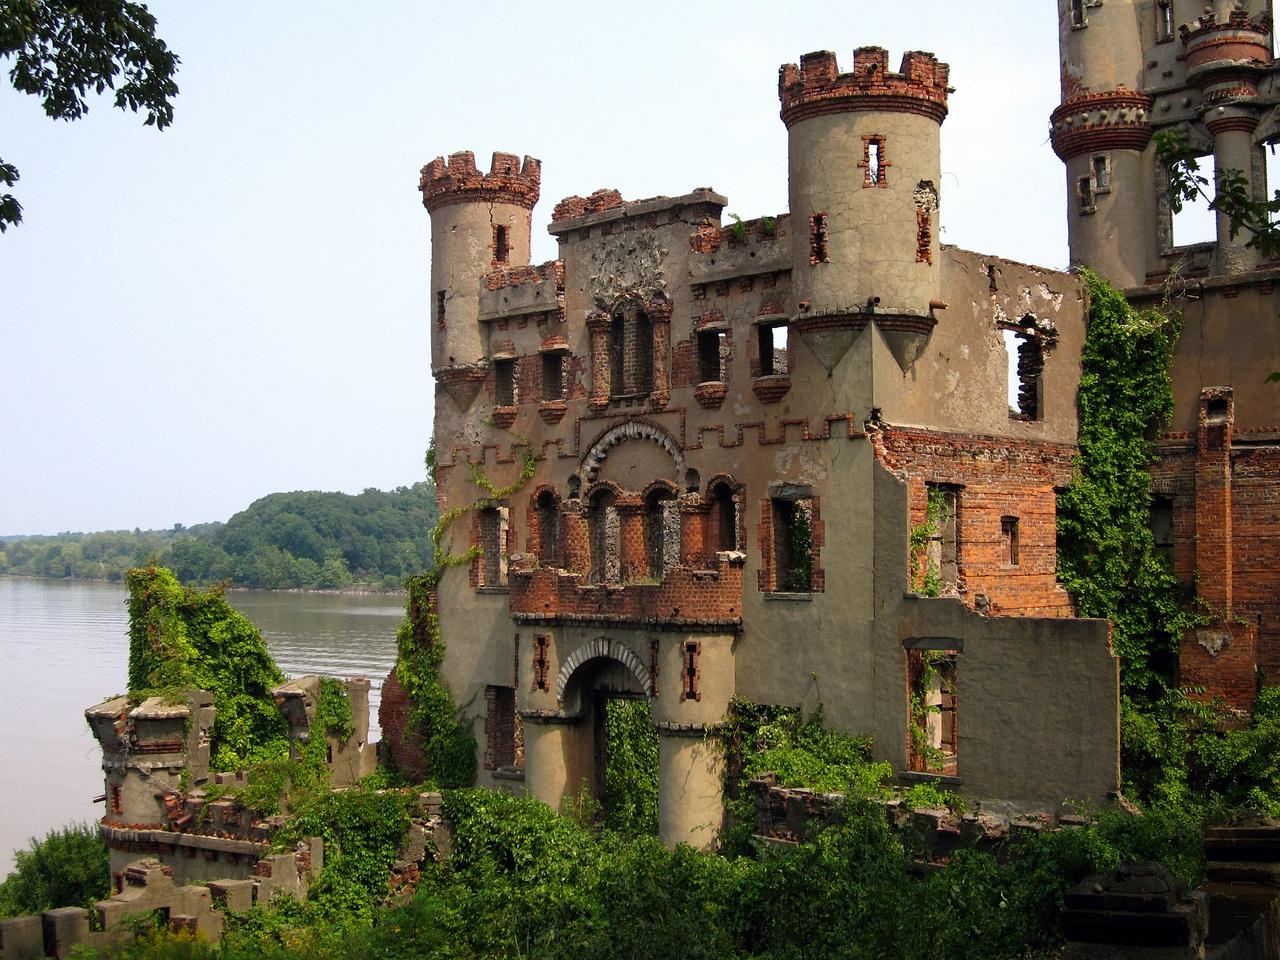 для смотреть фото заброшенных замков россии новогодний маникюр гармонично